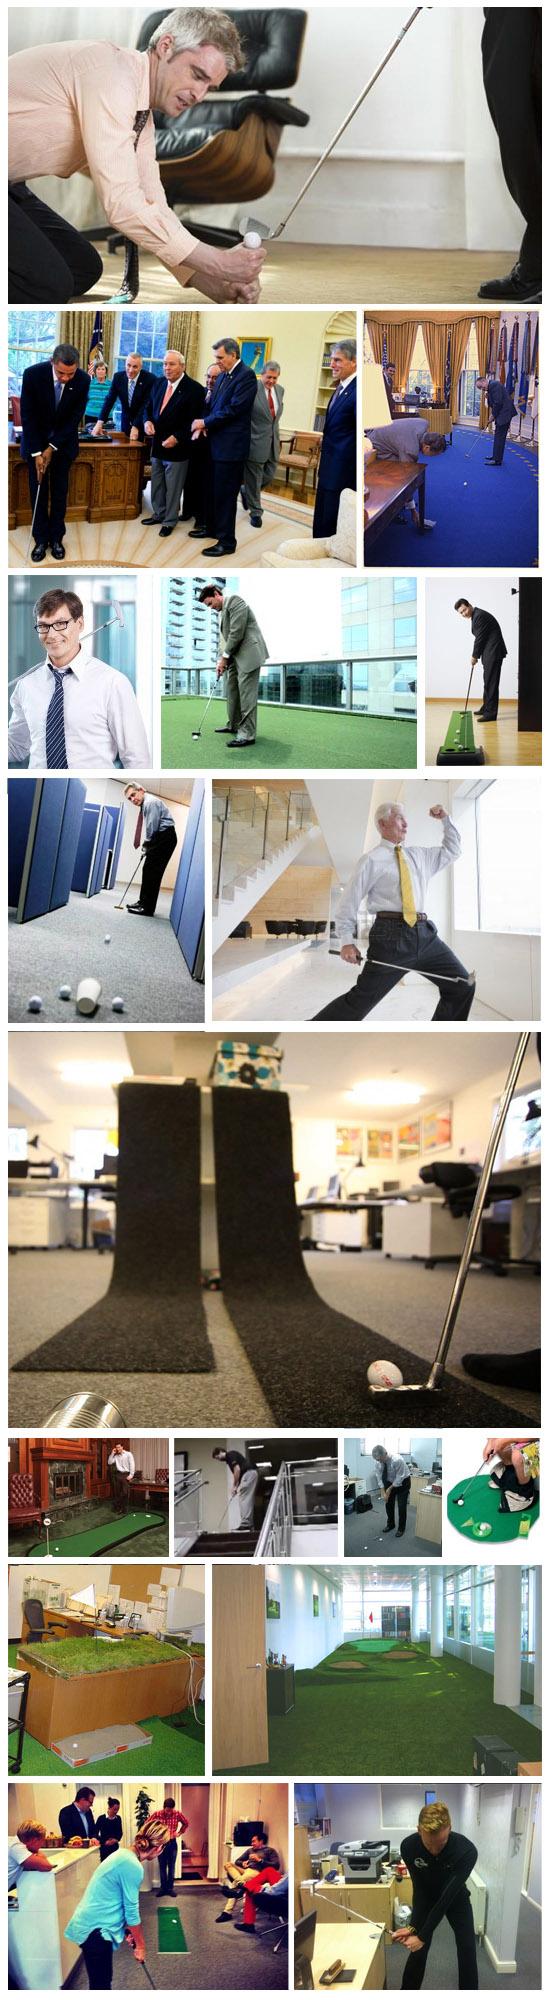 ejecutivos jugando al golf en la oficina